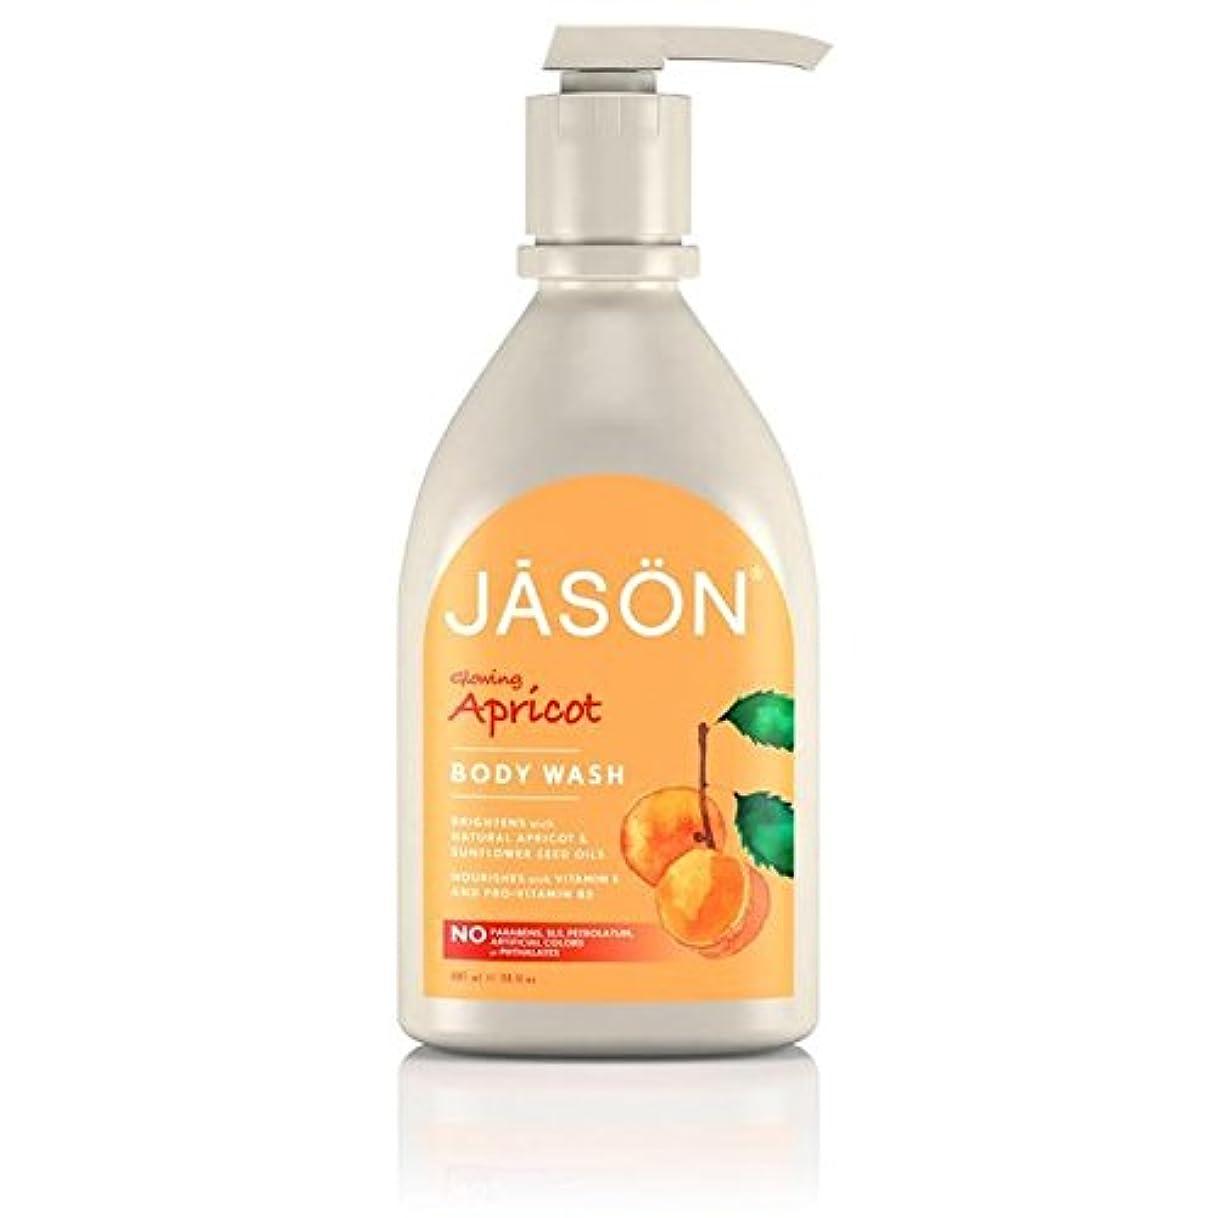 近似六複製Jason Apricot Satin Body Wash Pump 900ml (Pack of 6) - ジェイソン?アプリコットサテンボディウォッシュポンプ900ミリリットル x6 [並行輸入品]